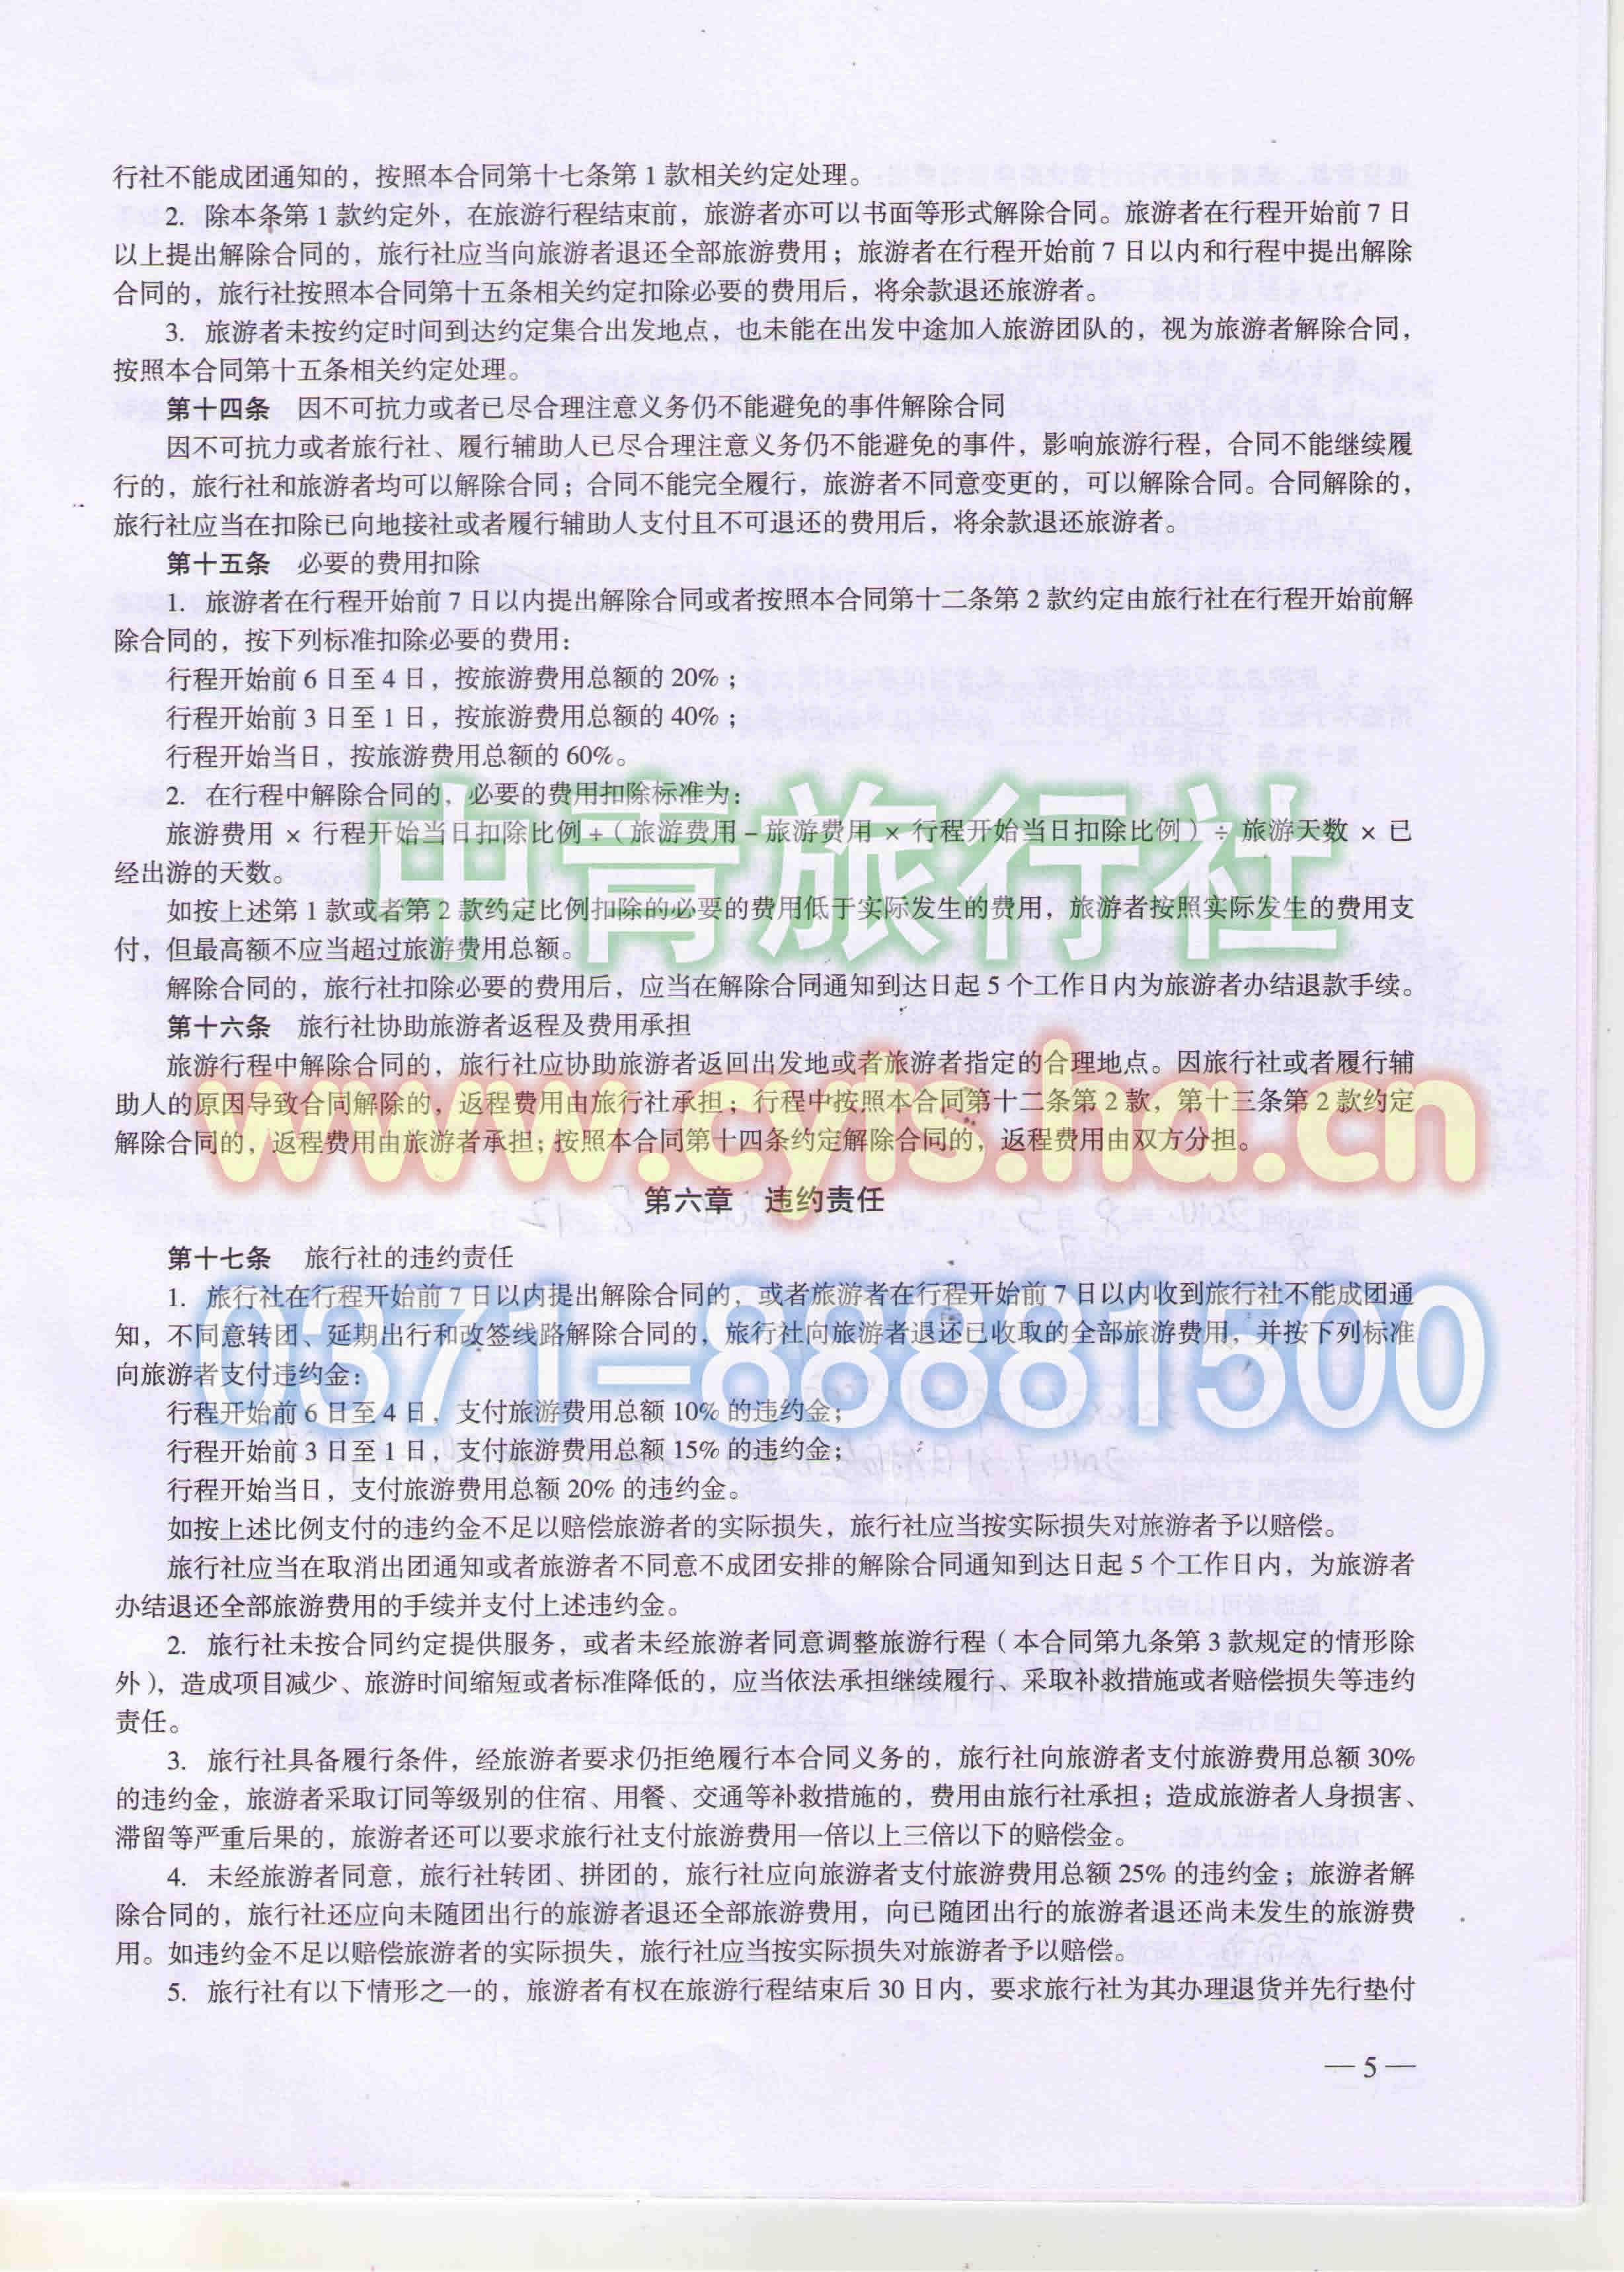 河南中青旅行社国内旅游合同